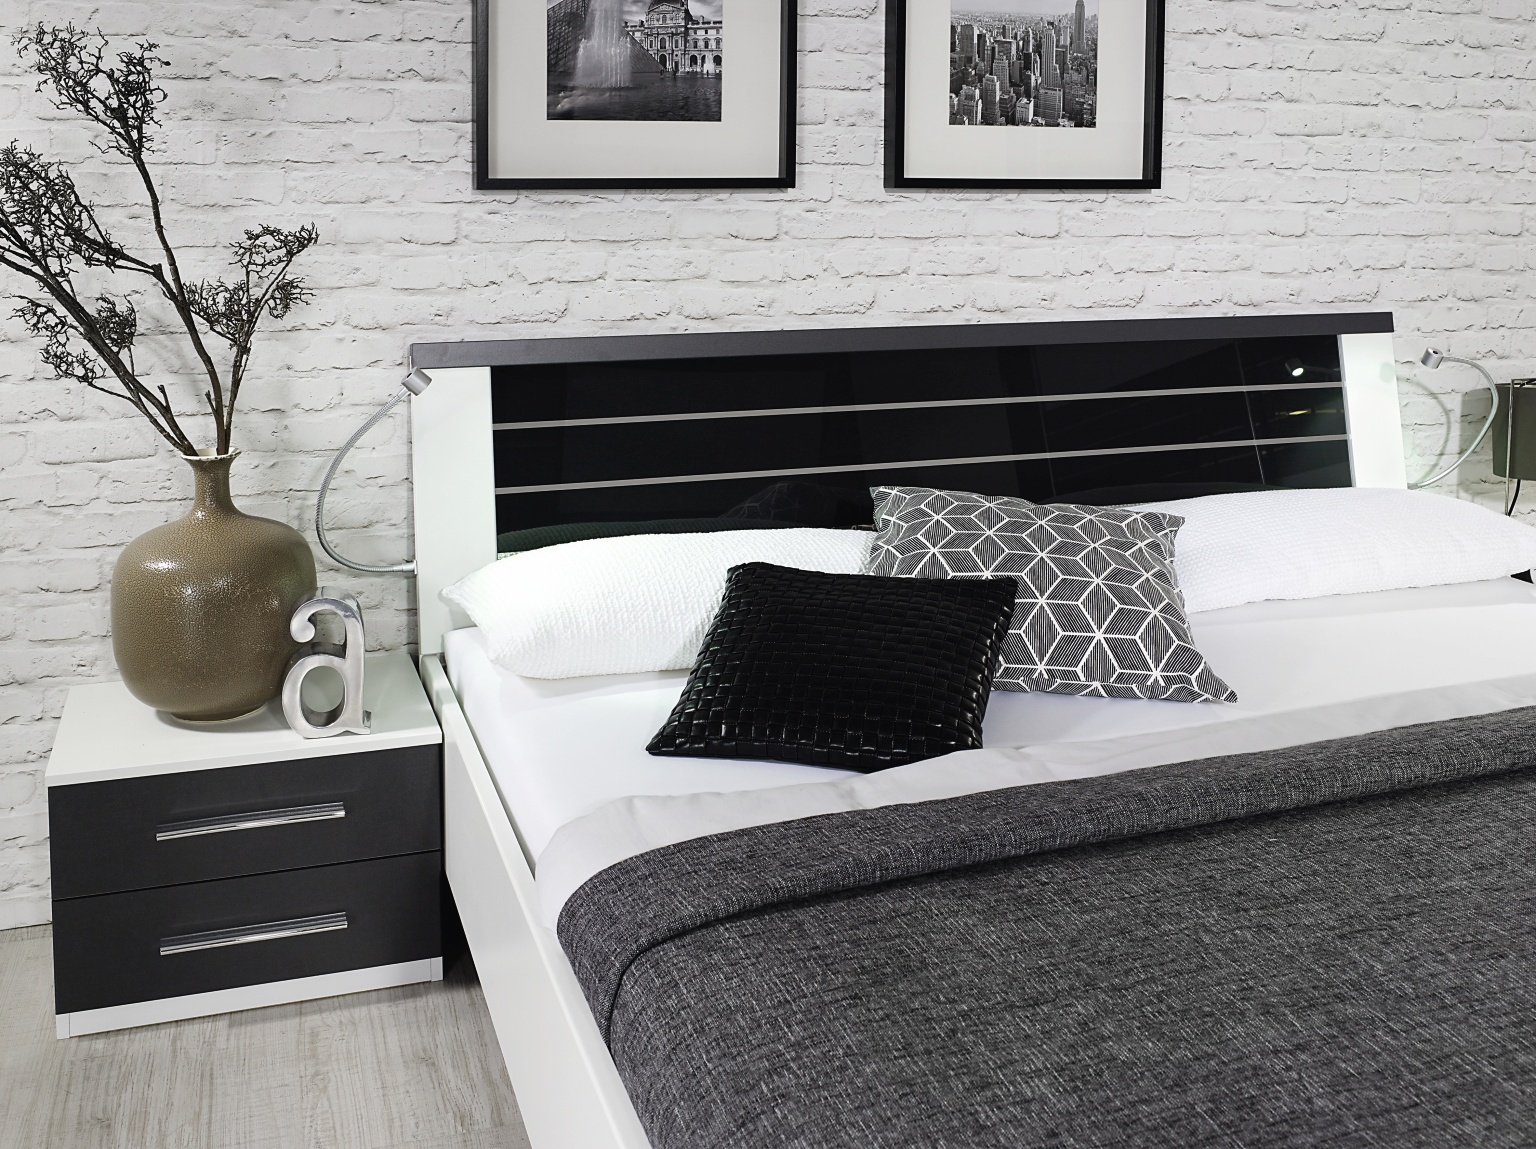 schlafzimmer zusammenstellen ikea bettw sche kinder feinflanell lichterkette im schlafzimmer. Black Bedroom Furniture Sets. Home Design Ideas